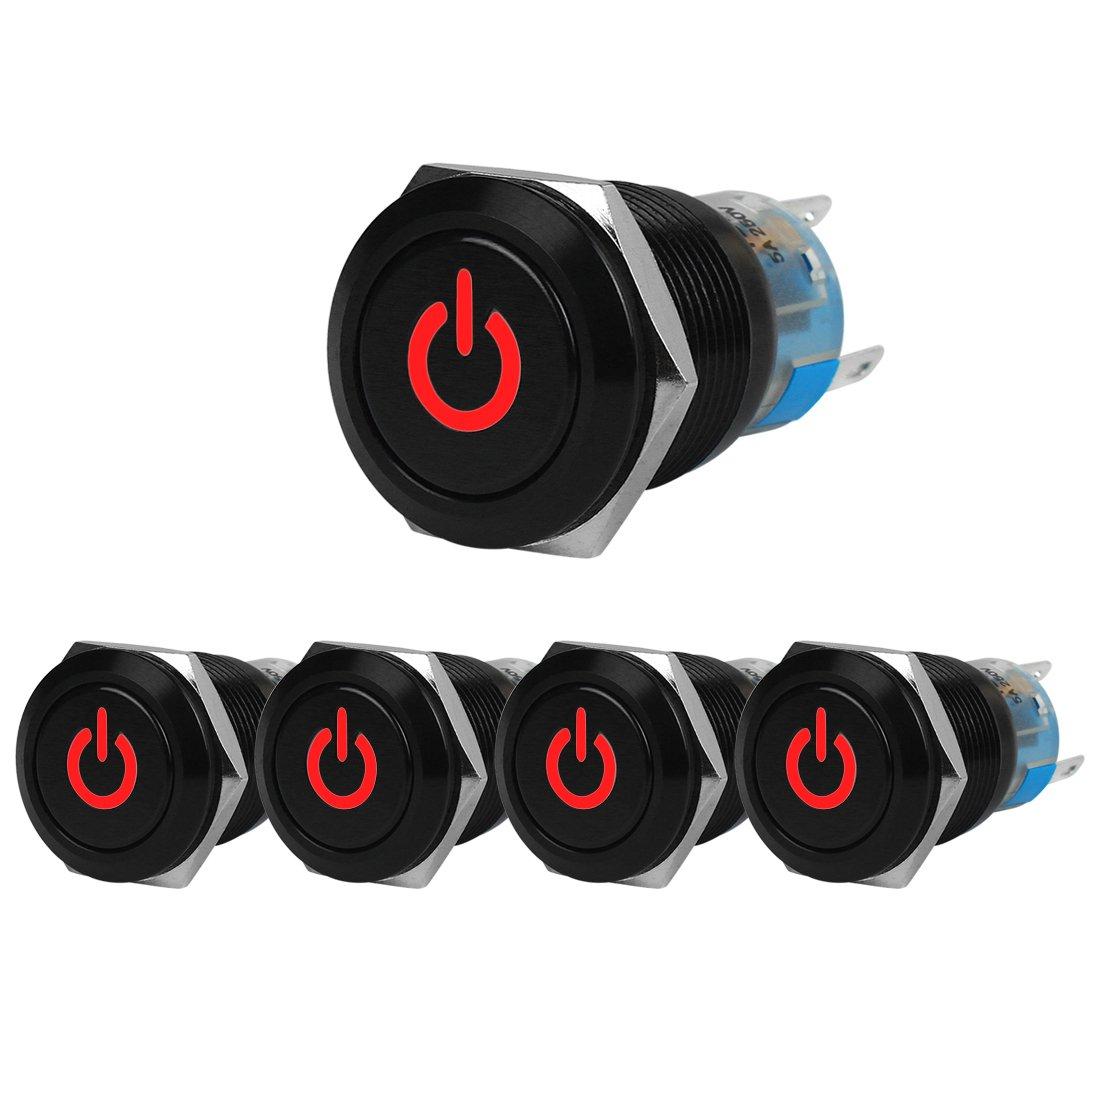 DIY 12V Elektrische Schalter,Verriegelung,Schwarz,Energiesymbol,Wasserdicht,5 St/ück JSANKG-11 Licht Blau Larcele 19mm Druckschalter mit Kontrollleuchte